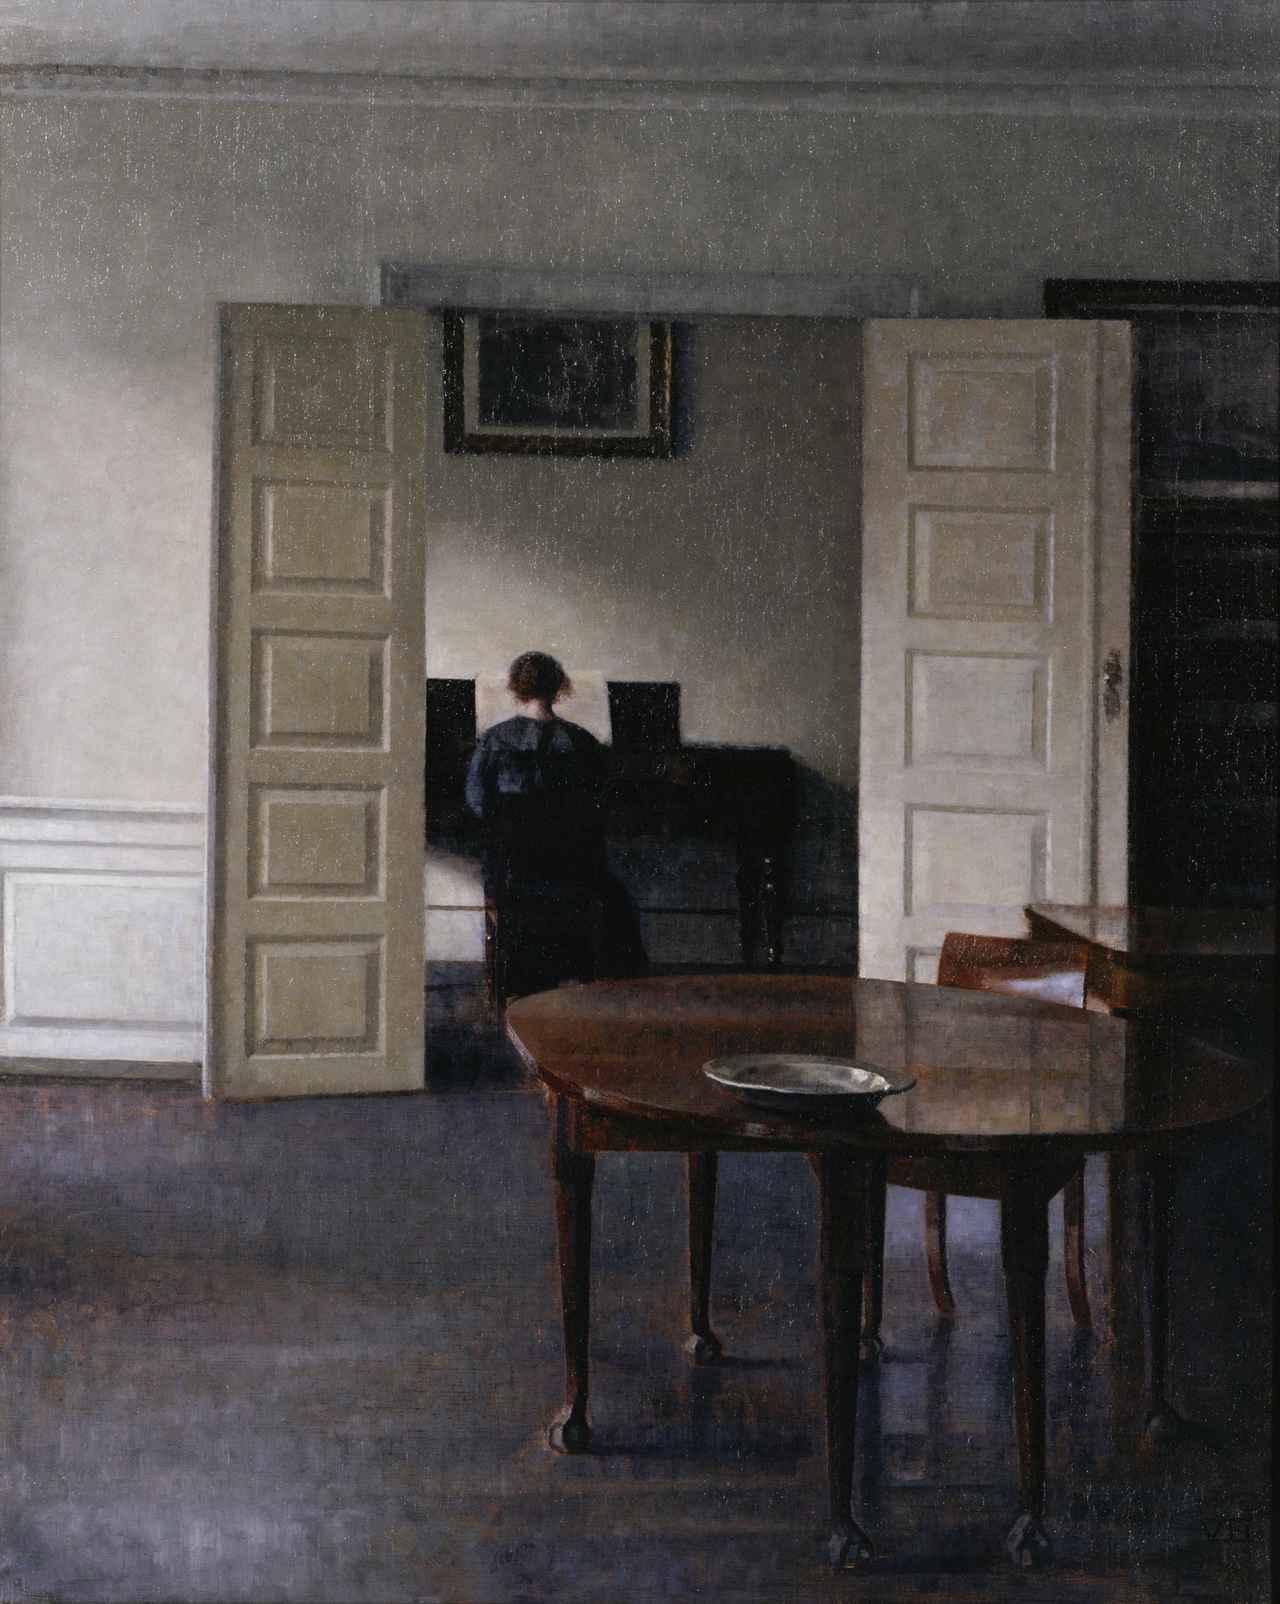 画像: ヴィルヘルム・ハマスホイ 《ピアノを弾く妻イーダのいる室内》 1910年 国立西洋美術館蔵 〔東京展のみ出品〕